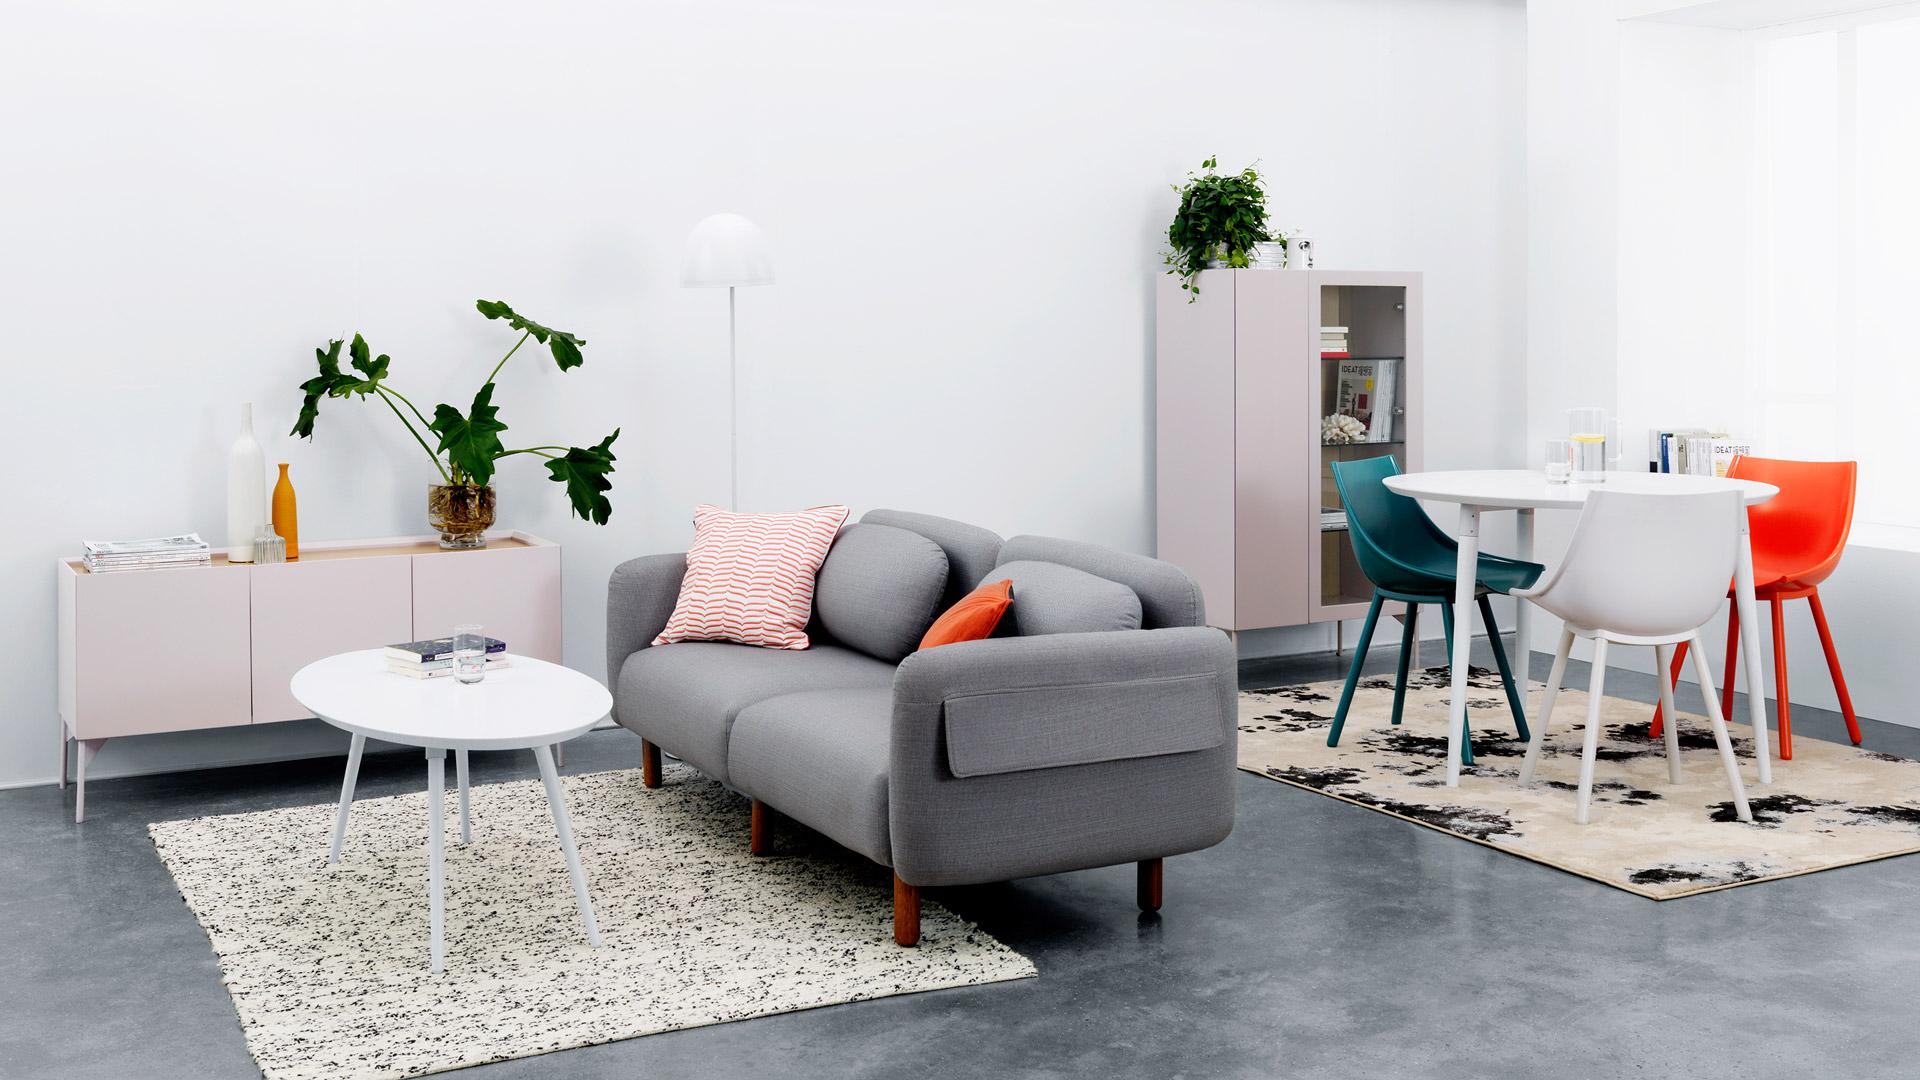 无论是规整闭合的客厅空间,还是自由开放的loft,作为沙发围合空间的绝配搭档,美与功能性兼得的矮柜,带来优美的装饰。?x-oss-process=image/format,jpg/interlace,1